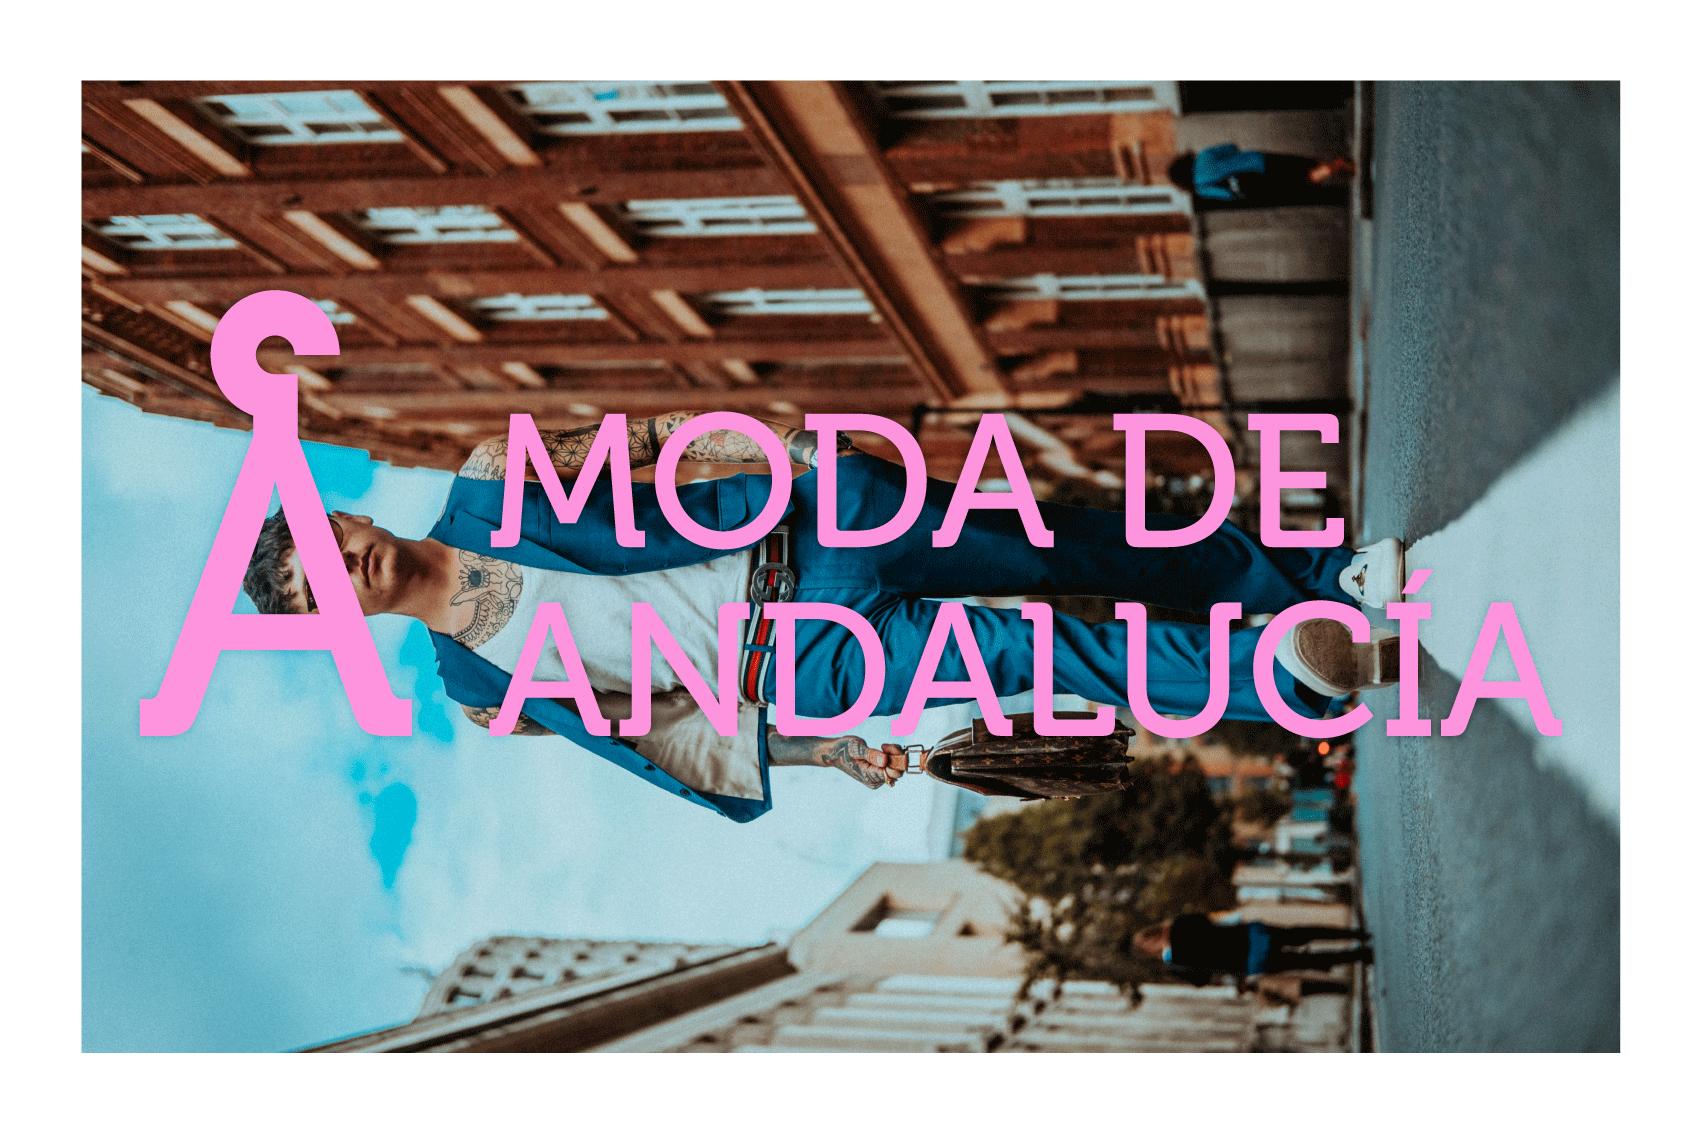 Moda-de-Andalucia-Car-1-3